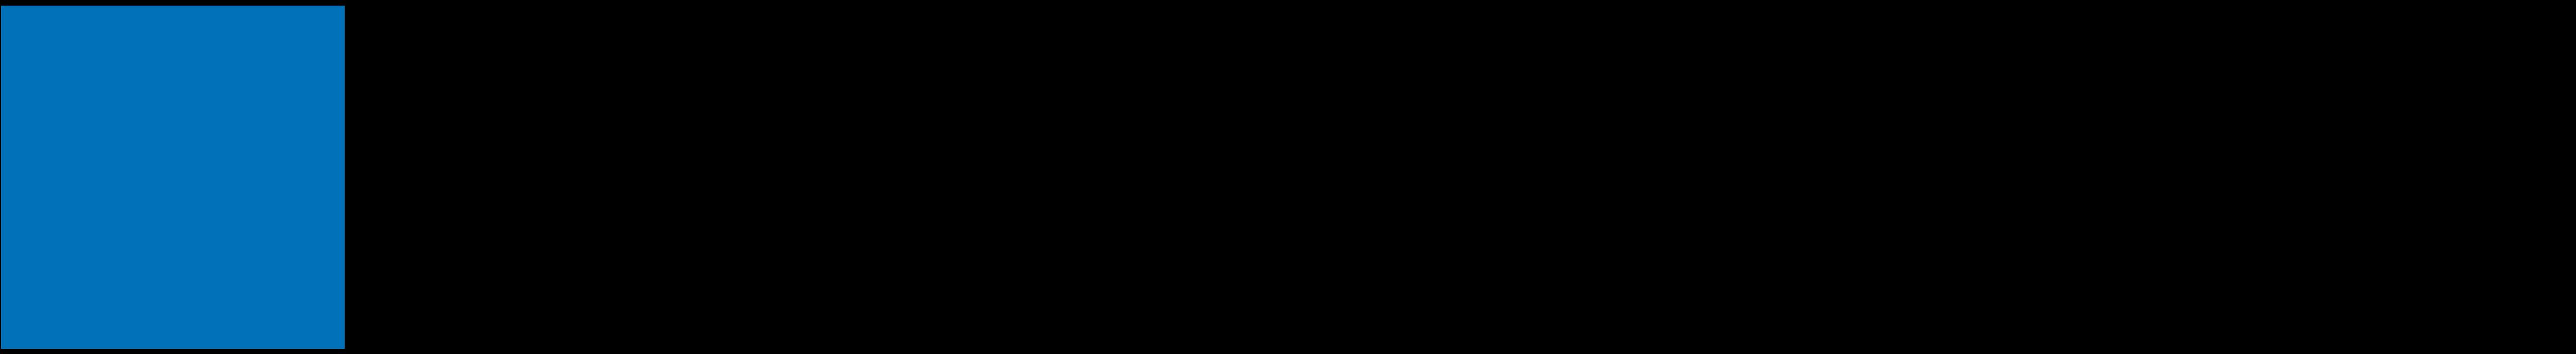 Geberit logo, logotype